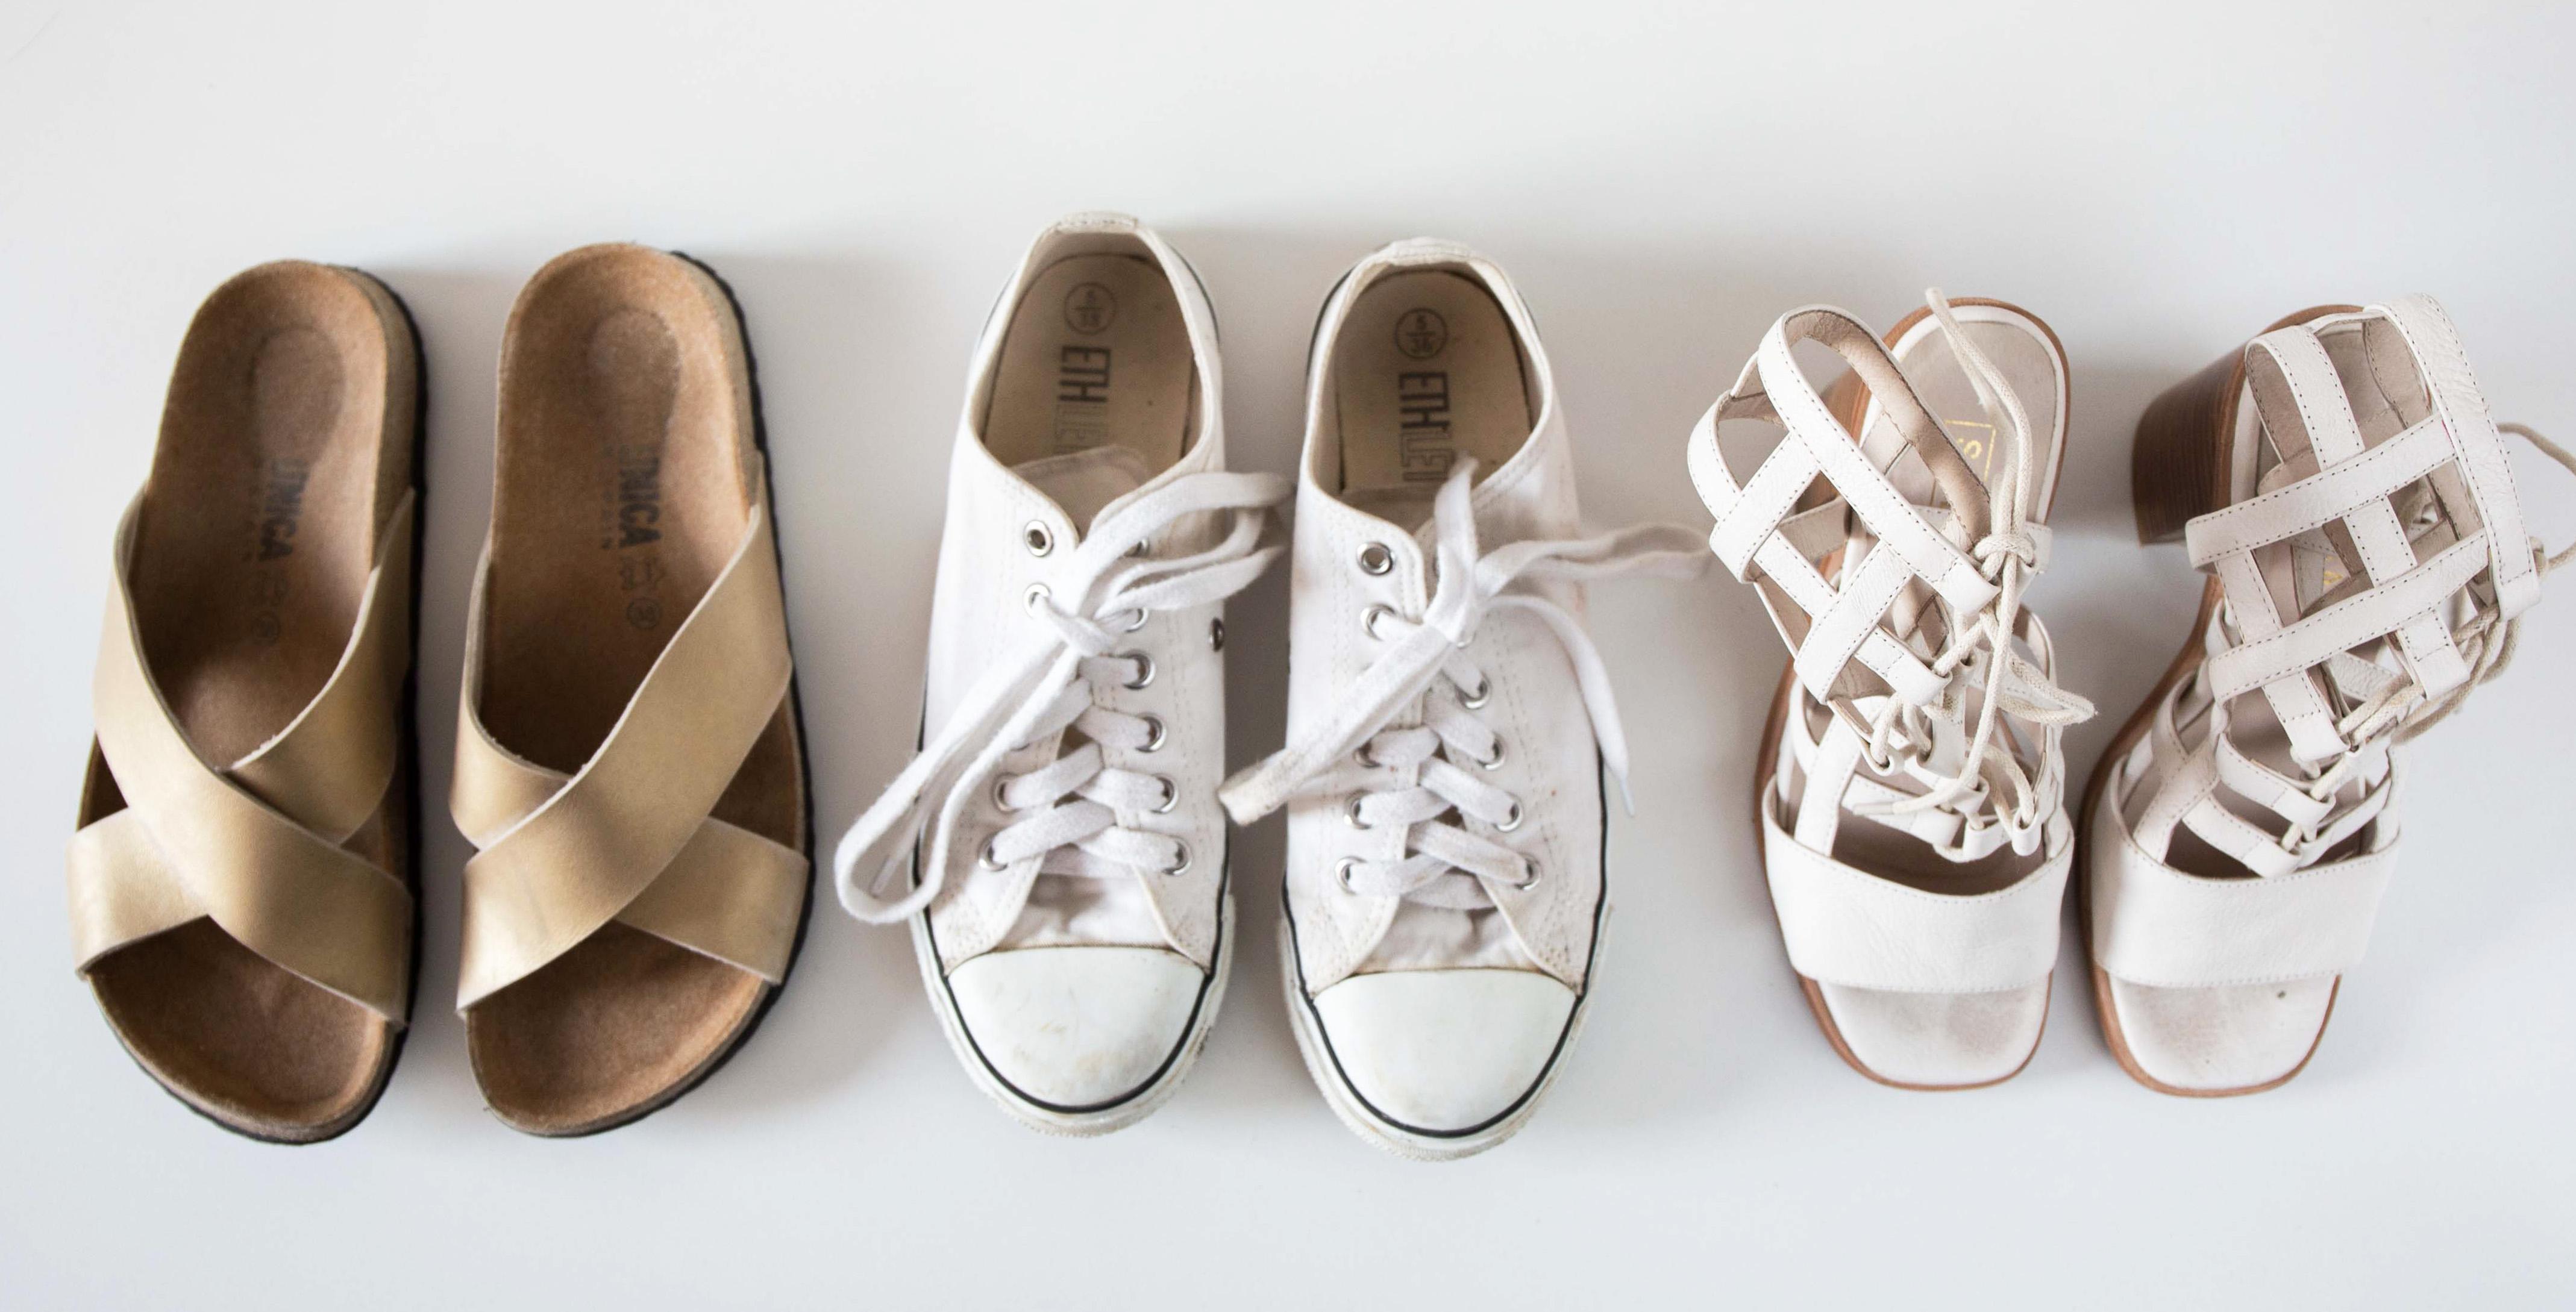 Minimalismus: Einblick in einen minimalistischen Kleiderschrank - Schuhe